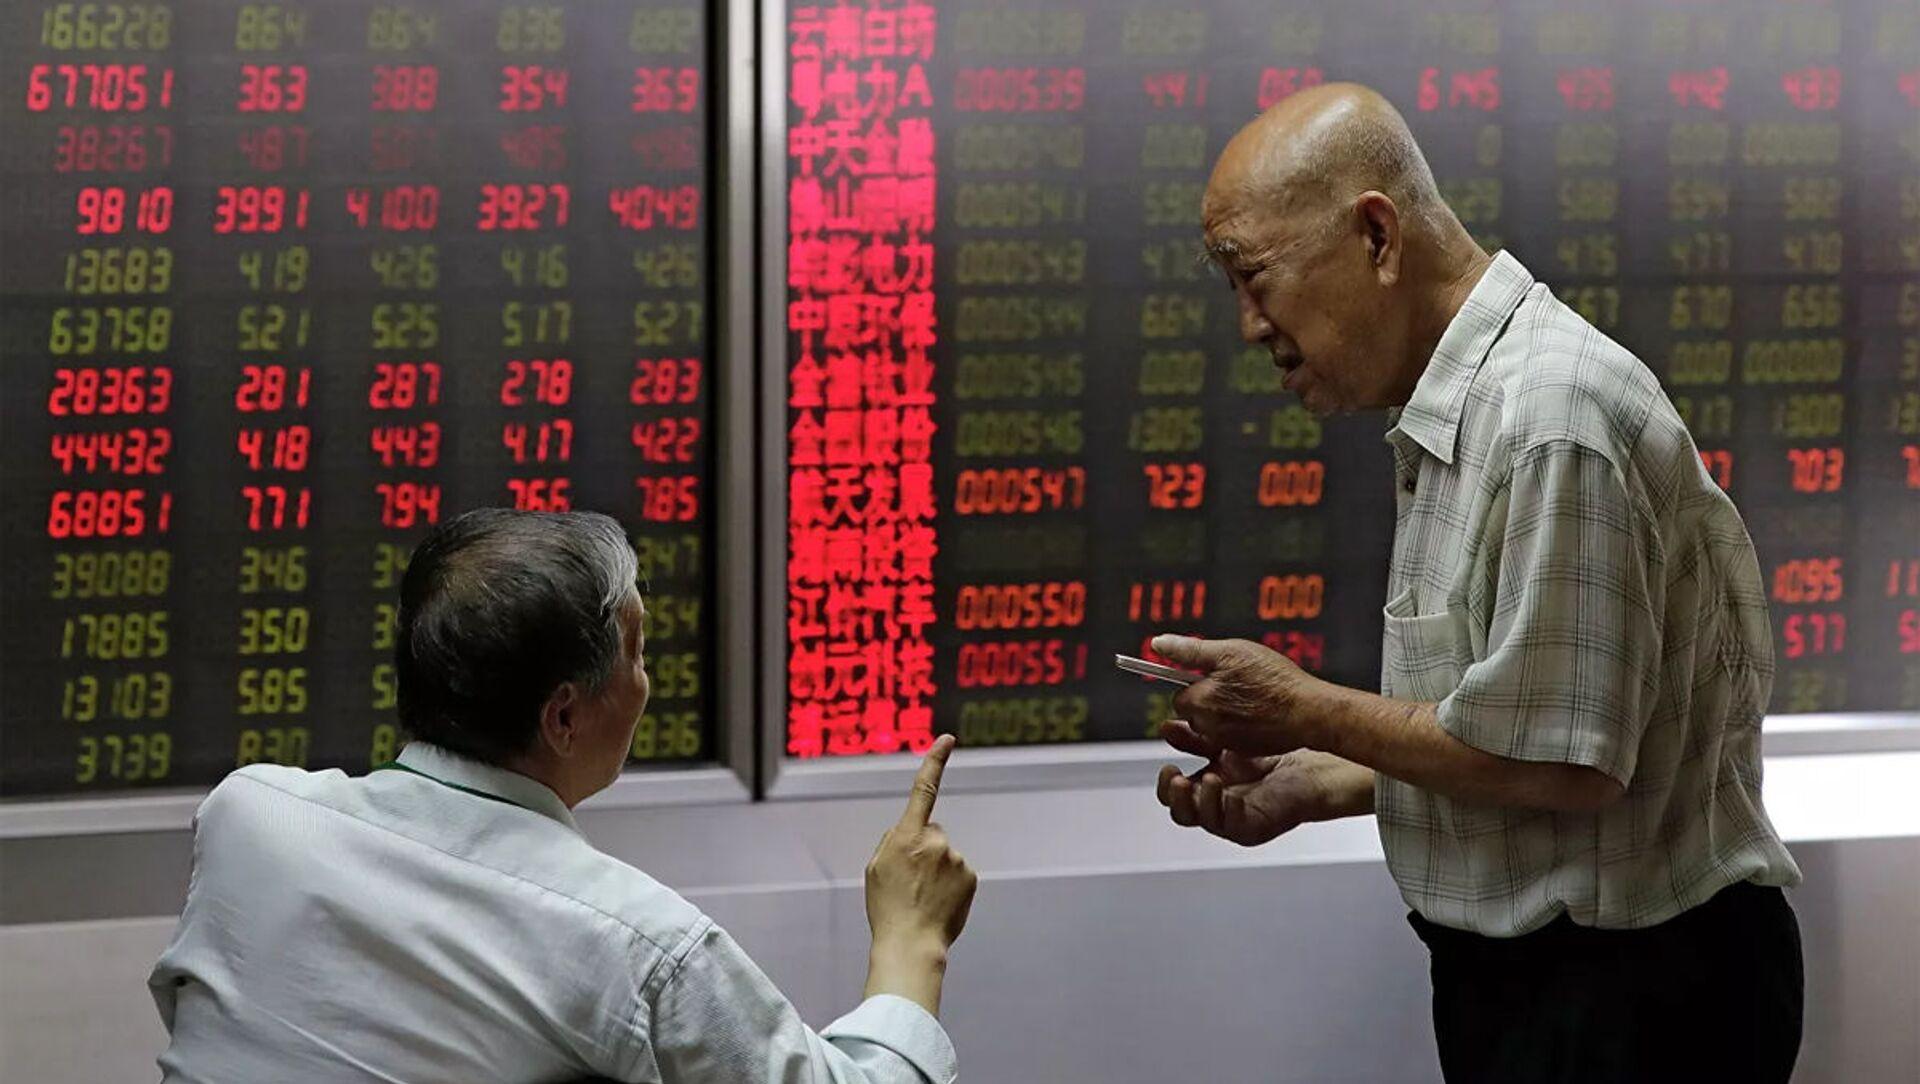 Mọi người theo dõi giá cổ phiếu tại một công ty môi giới ở Bắc Kinh - Sputnik Việt Nam, 1920, 26.03.2021